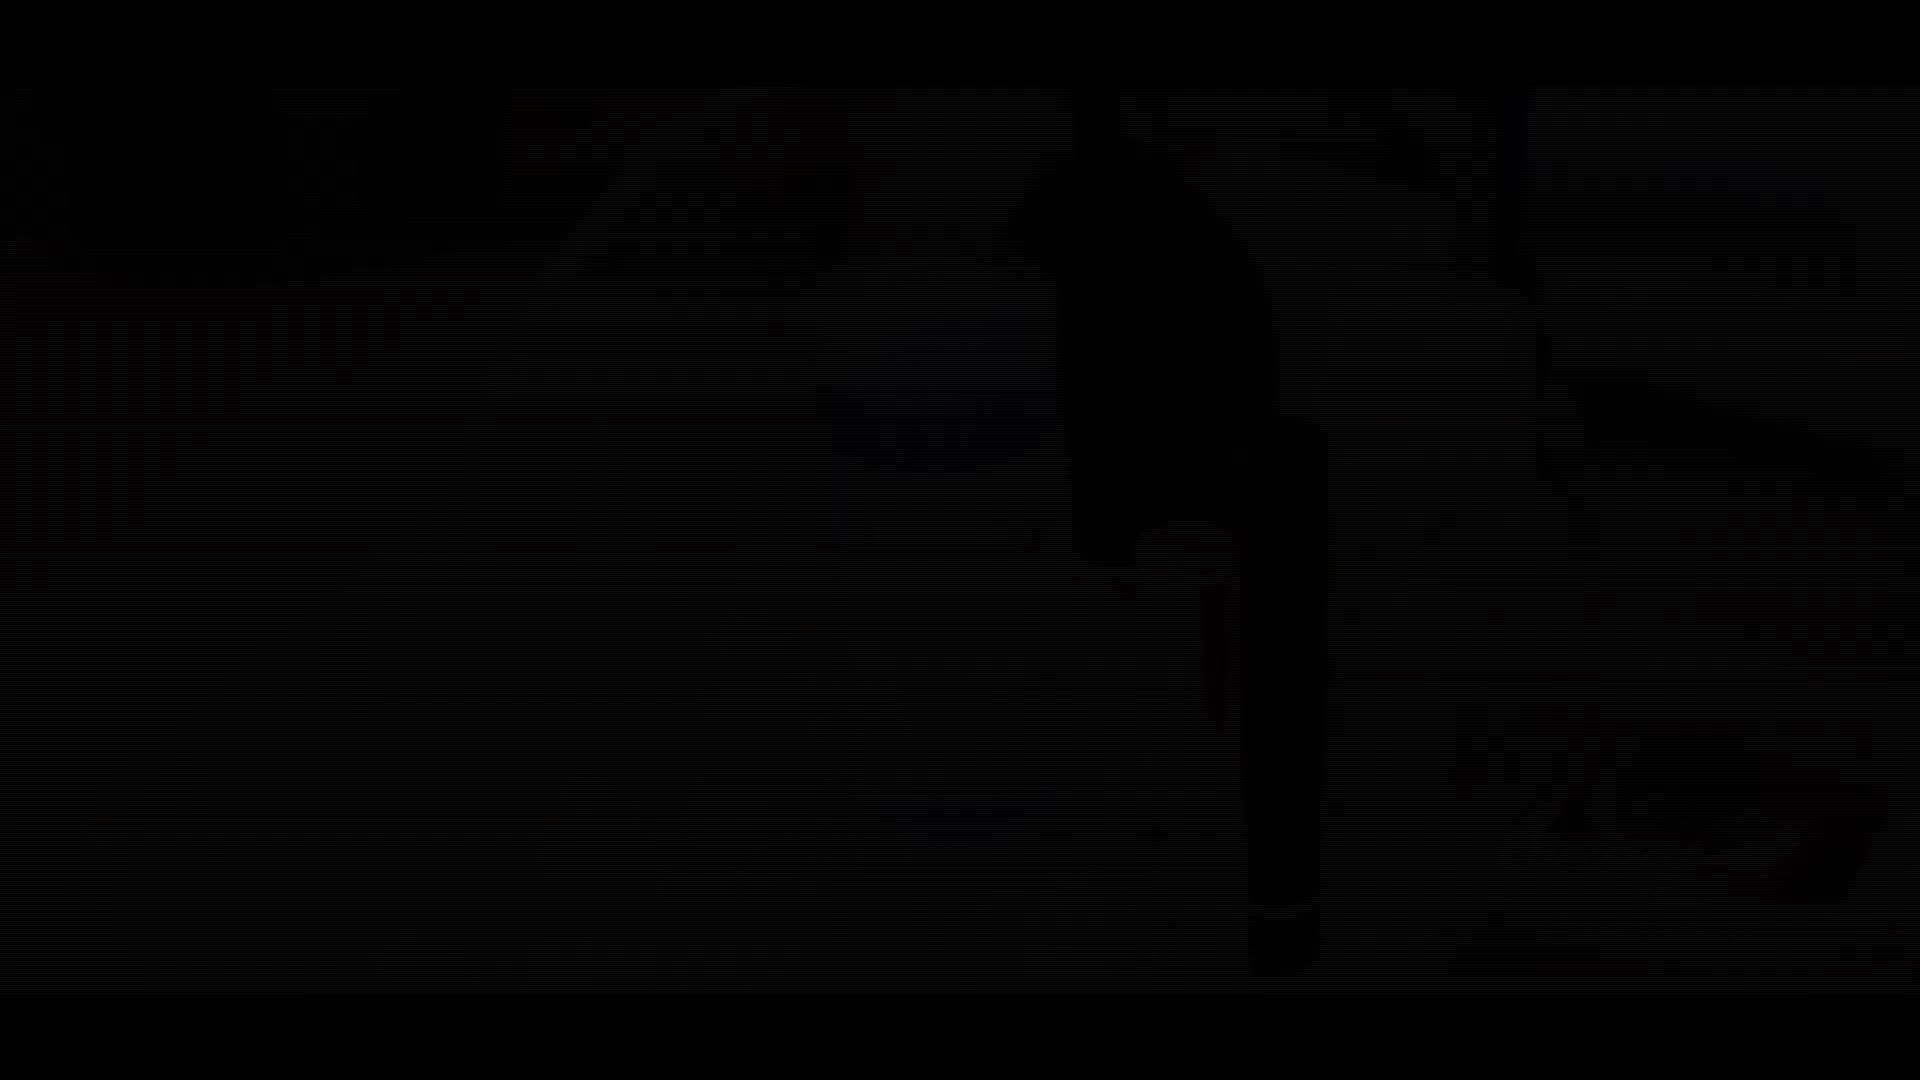 प्रीमियम सिंथेटिक ट्रे मिंक lashes. 23 अपने लोगो के साथ लक्जरी निजी लेबल बरौनी विस्तार